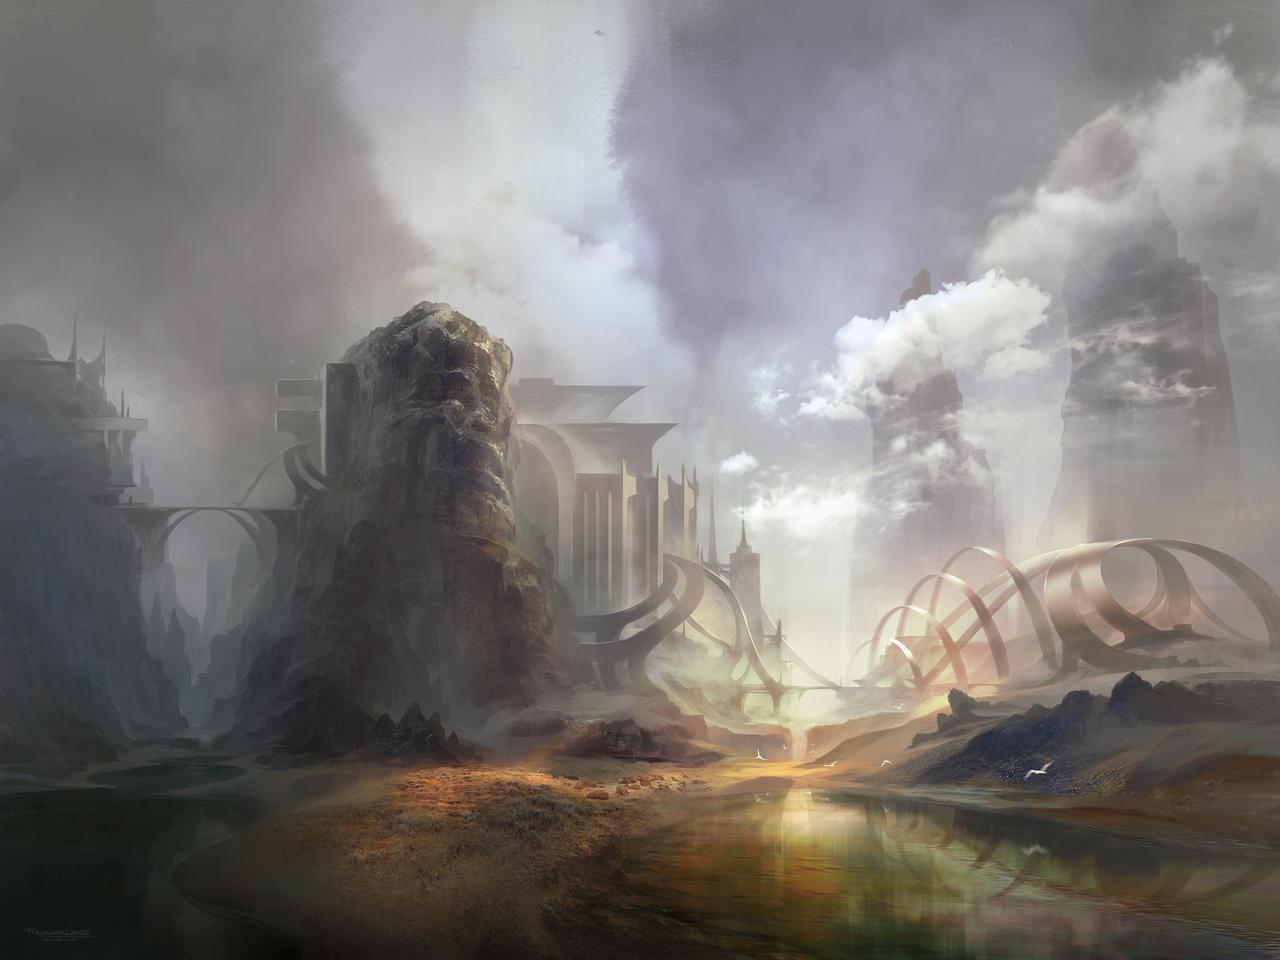 Fortress by FerdinandLadera